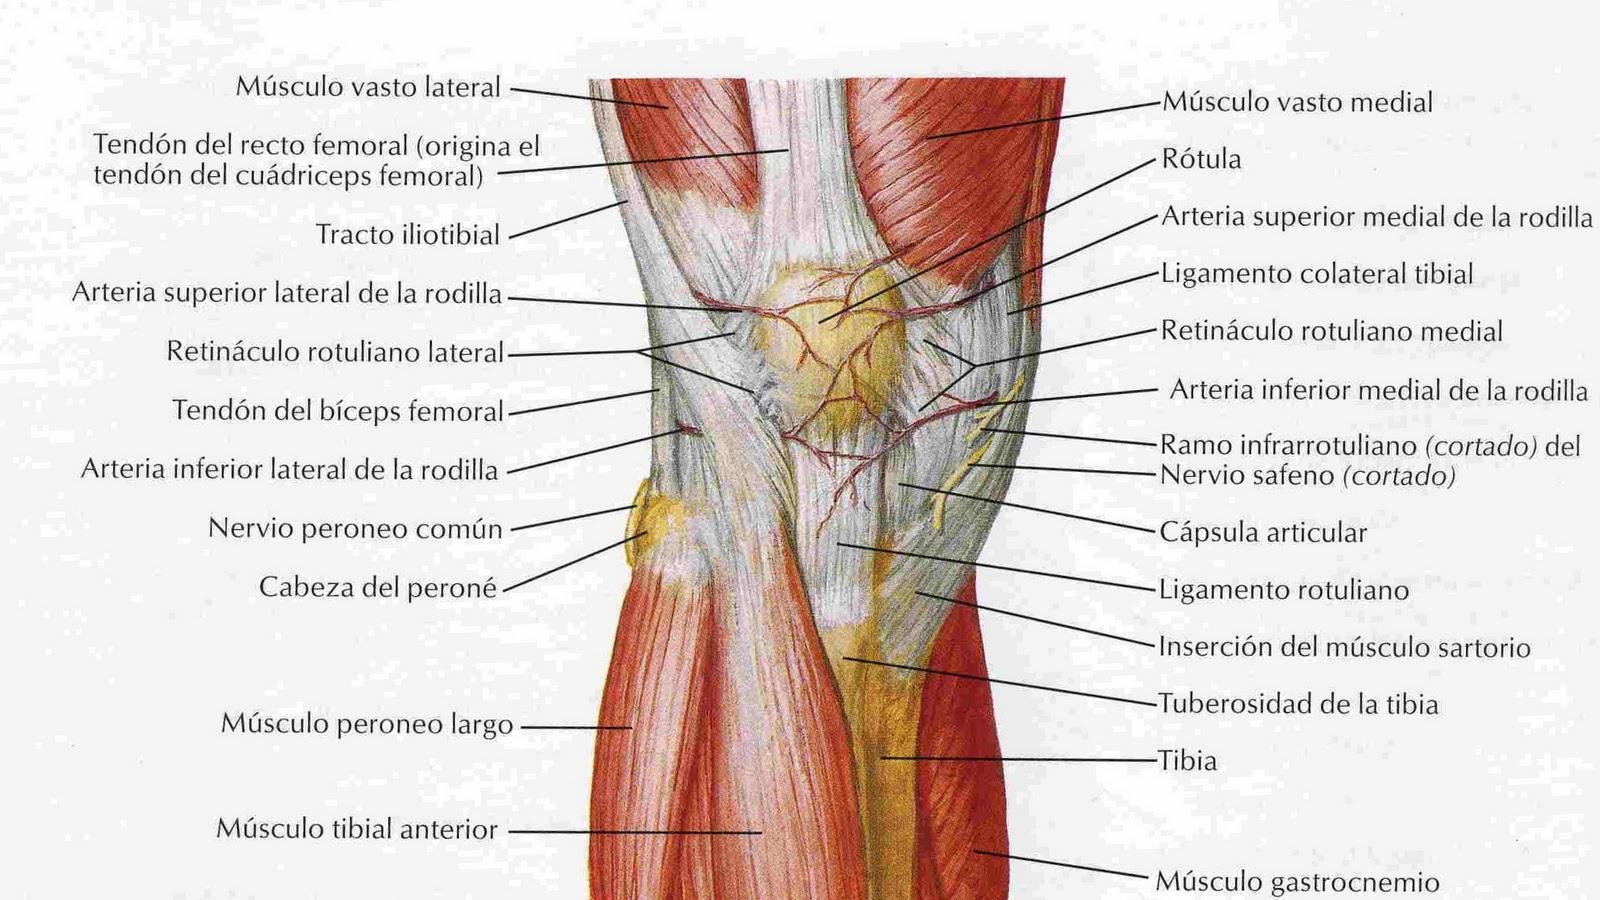 El rac de l 39 entrenament el genoll com l 39 enforteixo - Dolor en la parte interior de la rodilla ...